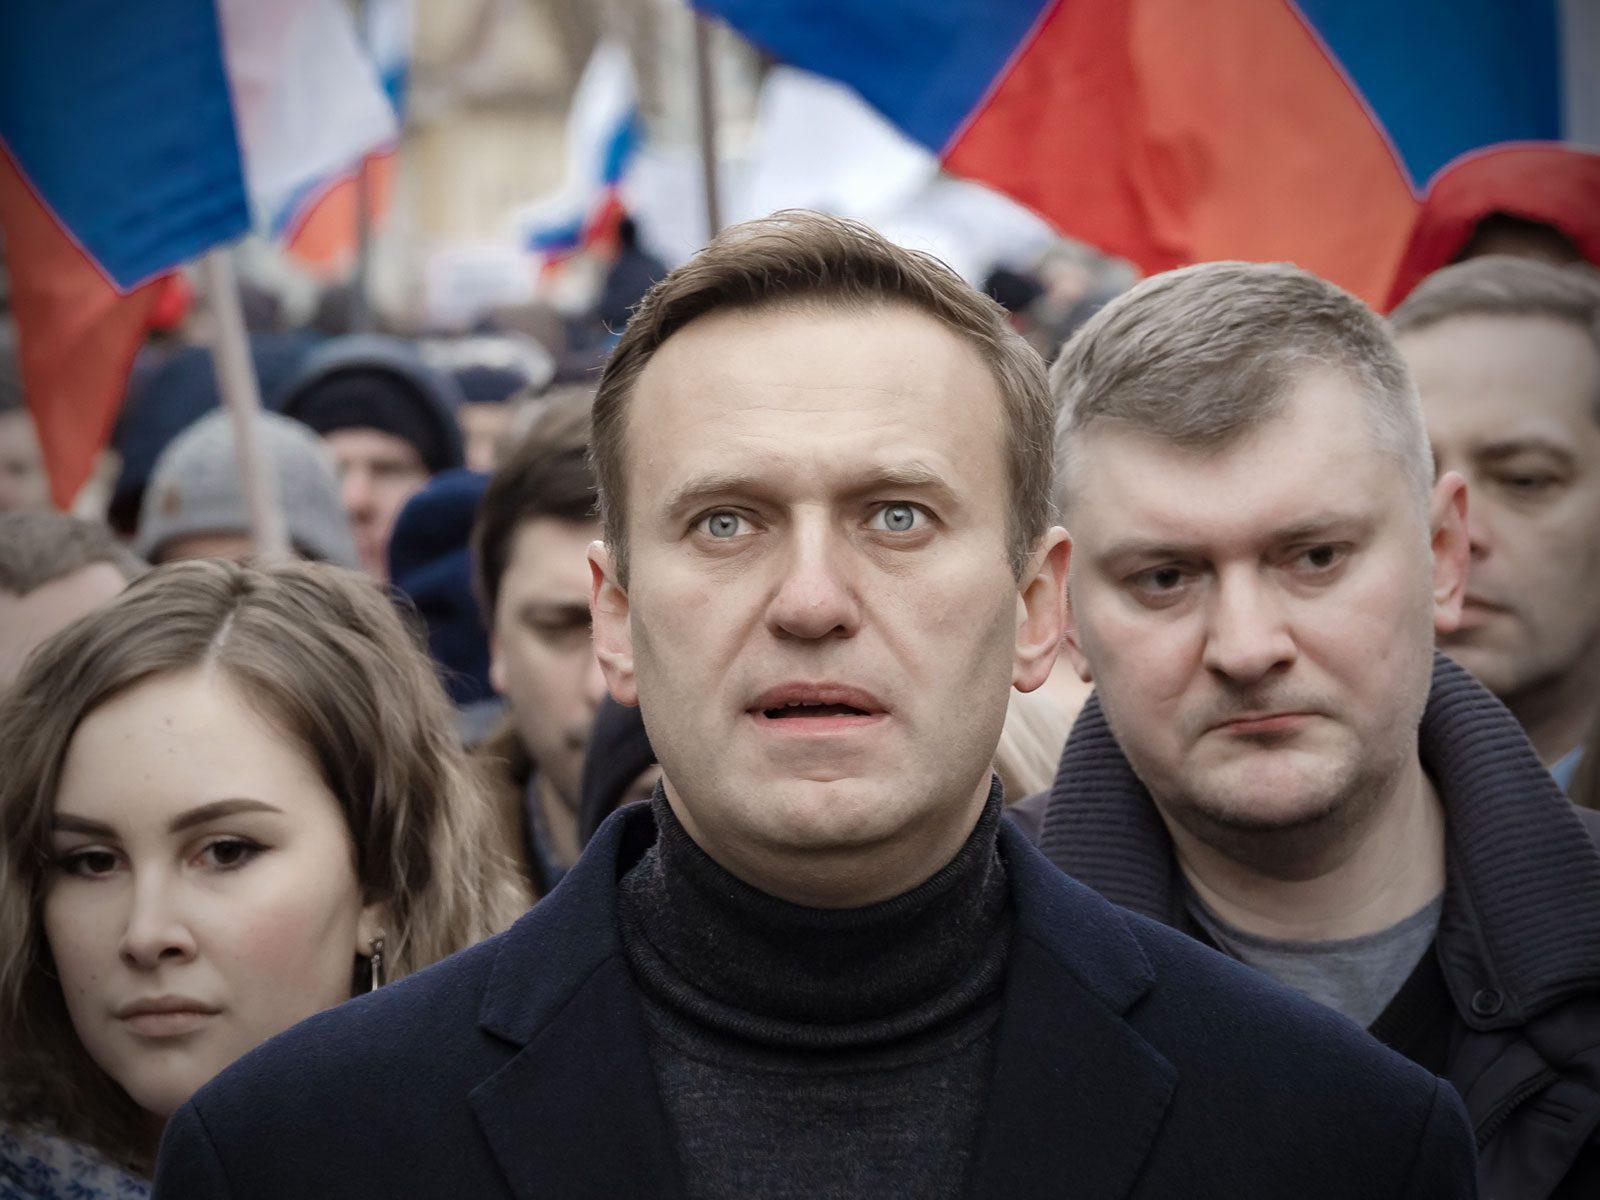 russia protest navalnyi - <b>«Есть растерянность и чувство безысходности».</b> Независимые российские журналисты и правозащитники — о новых репрессиях против активистов и медиа - Заборона